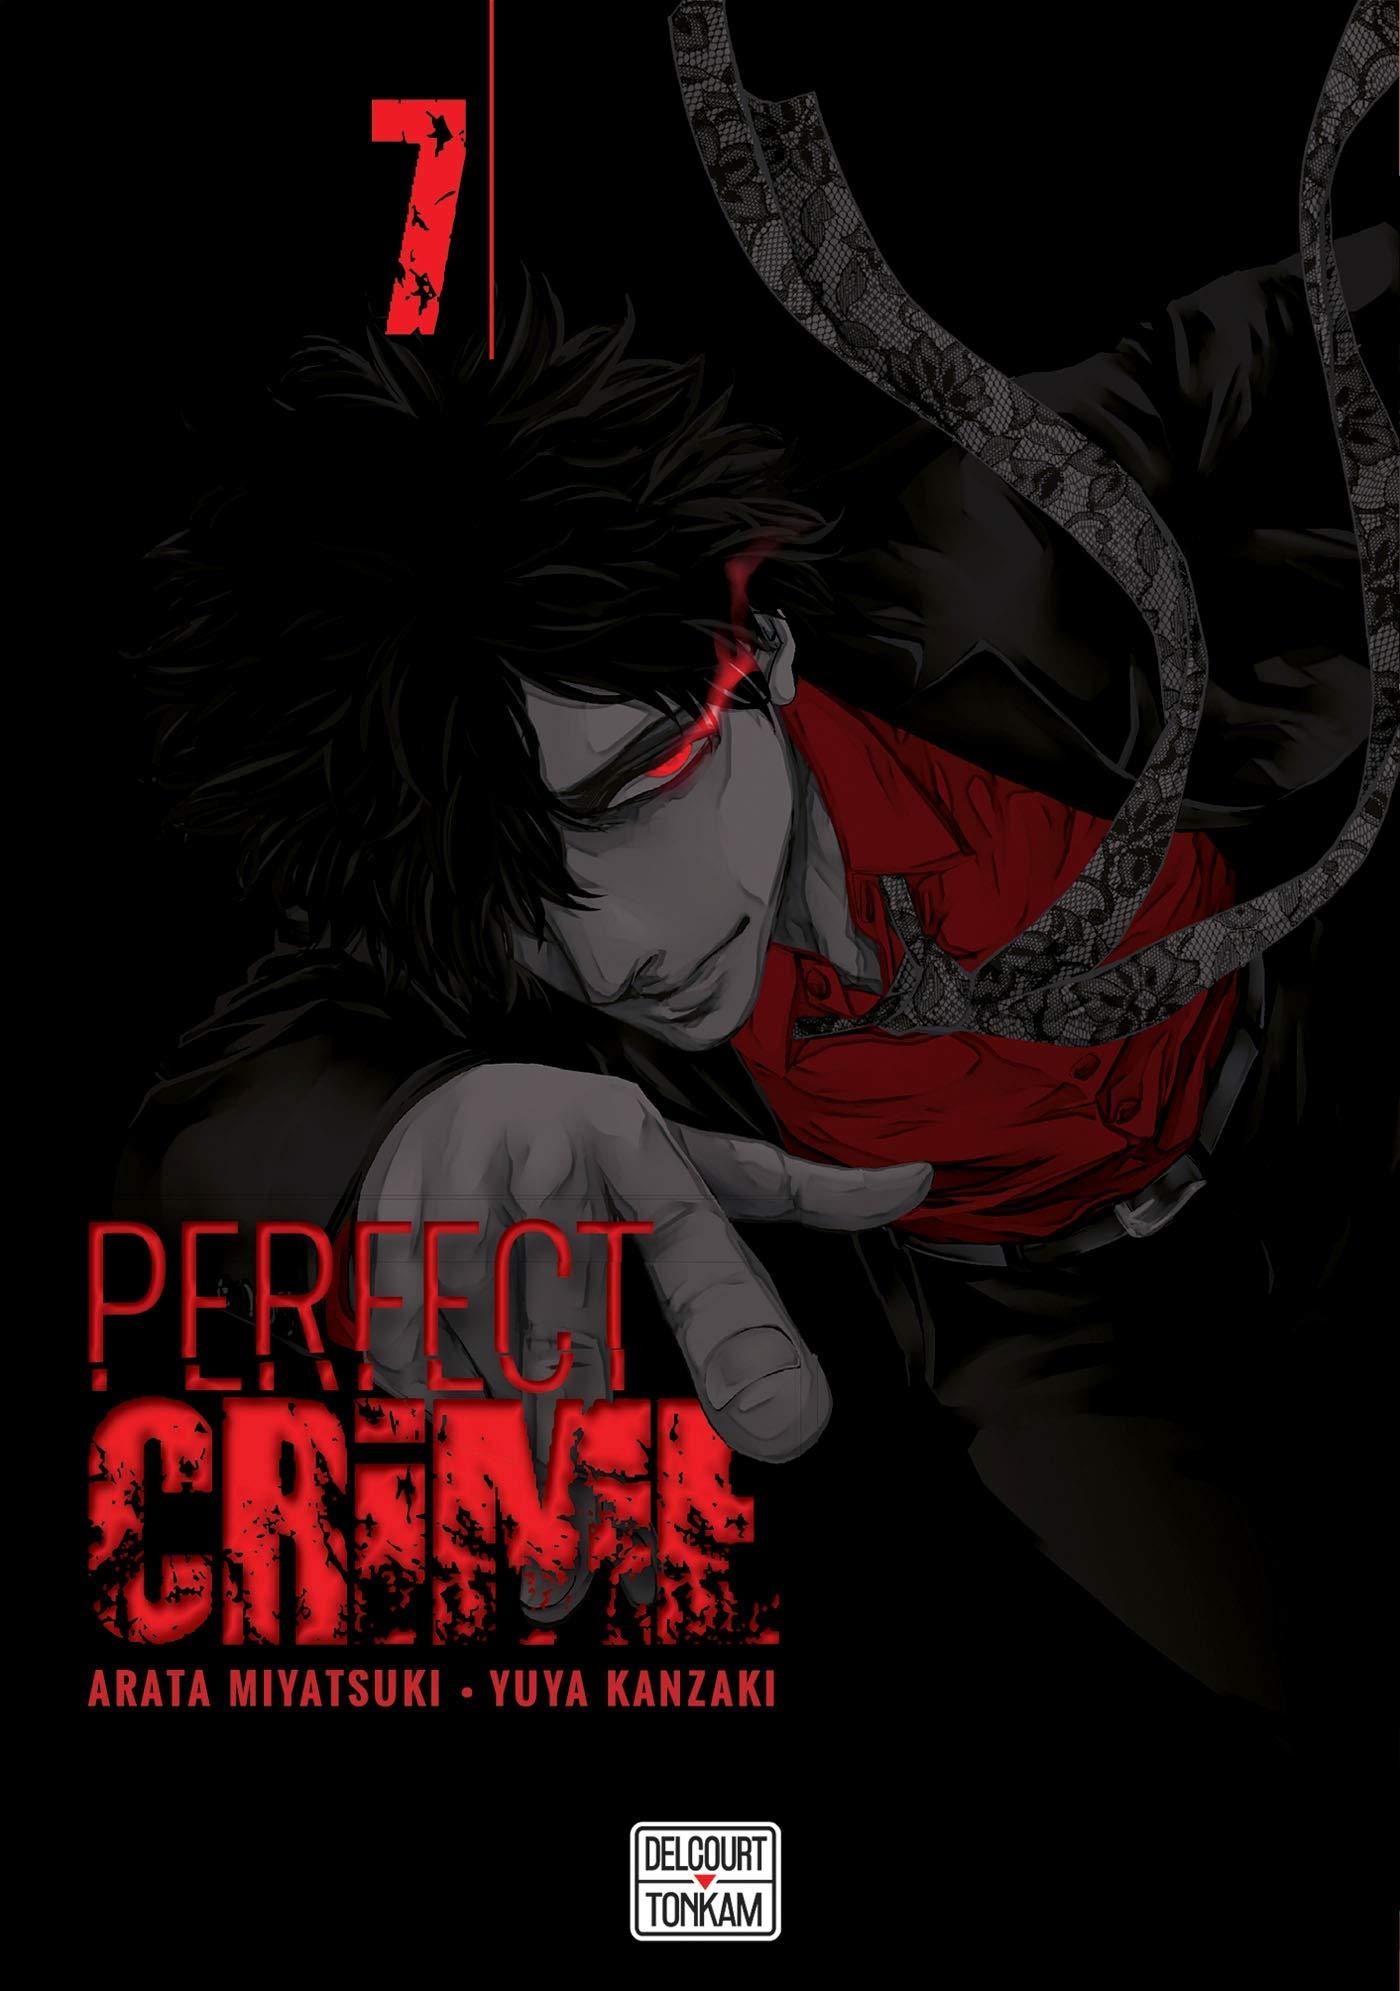 Perfect crime 7